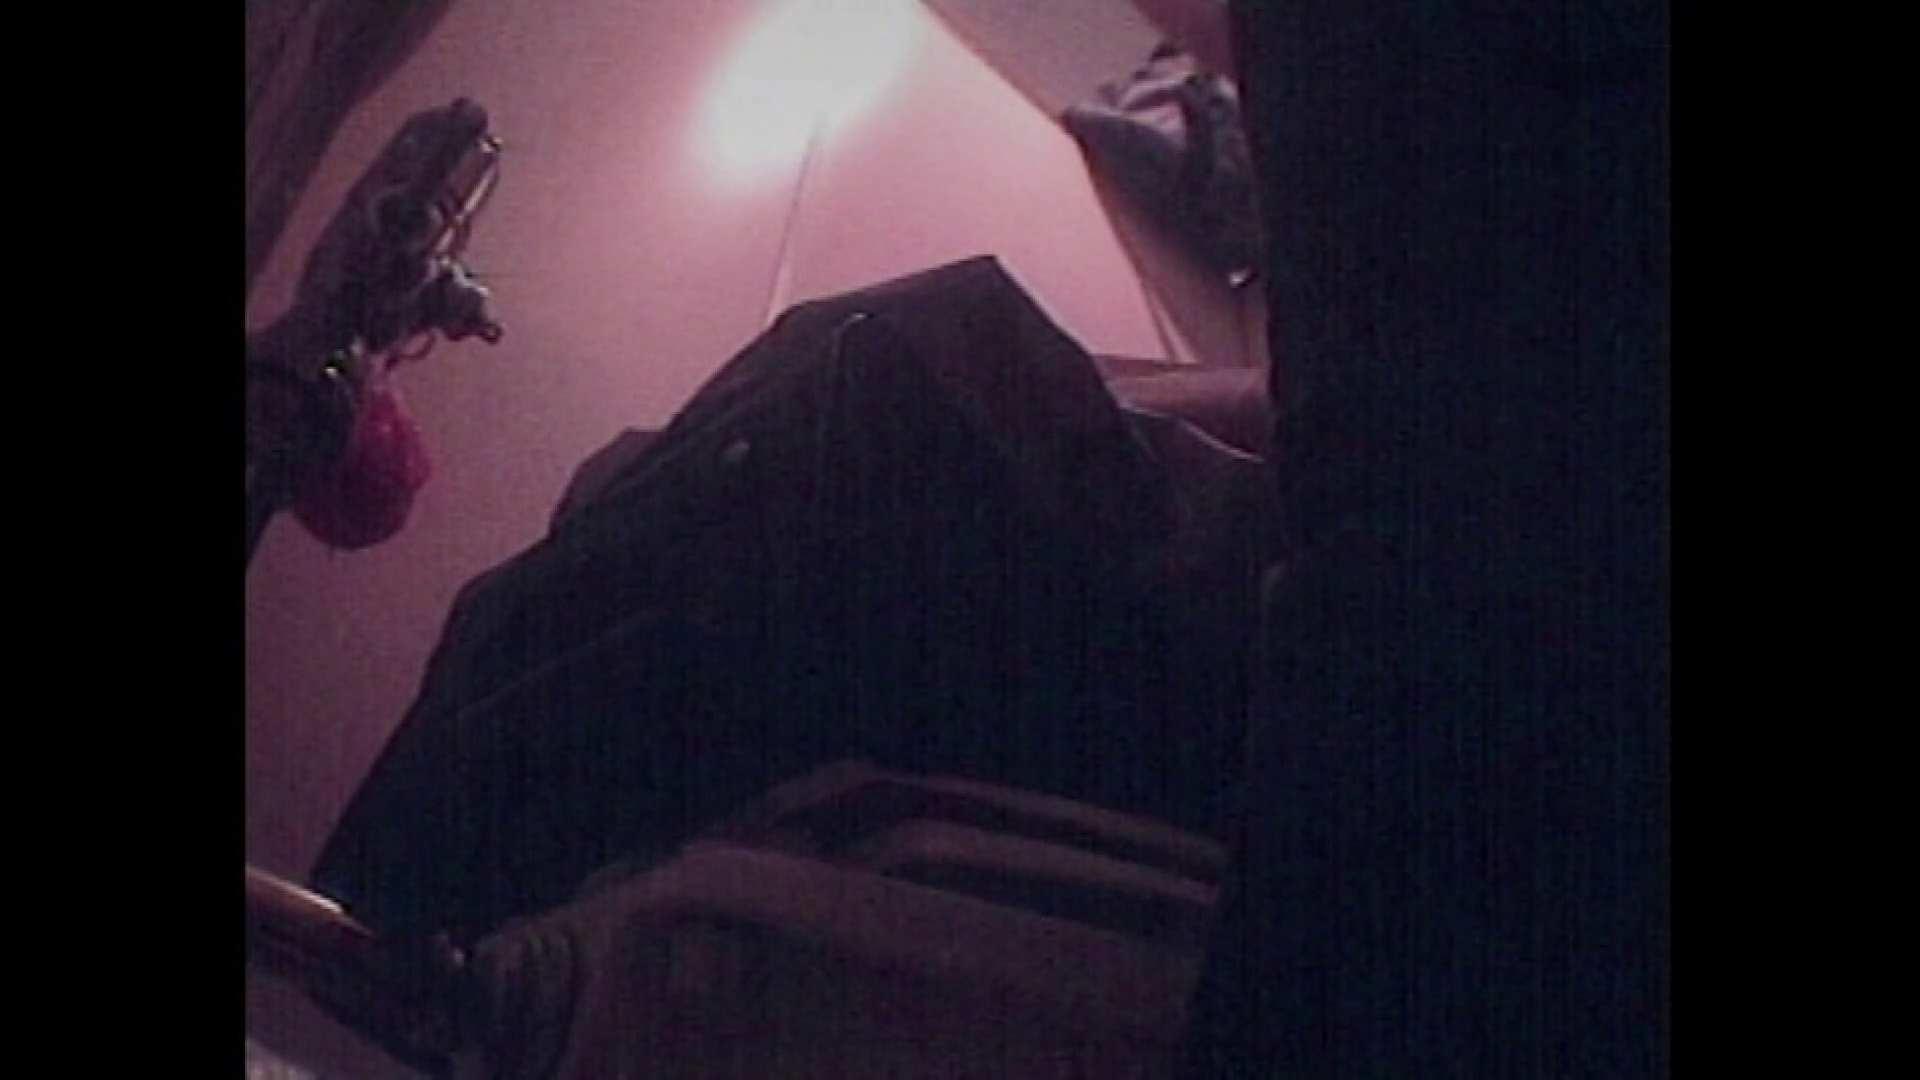 レース場での秘め事 Vol.01 レースクイーン 盗撮おめこ無修正動画無料 90pic 11